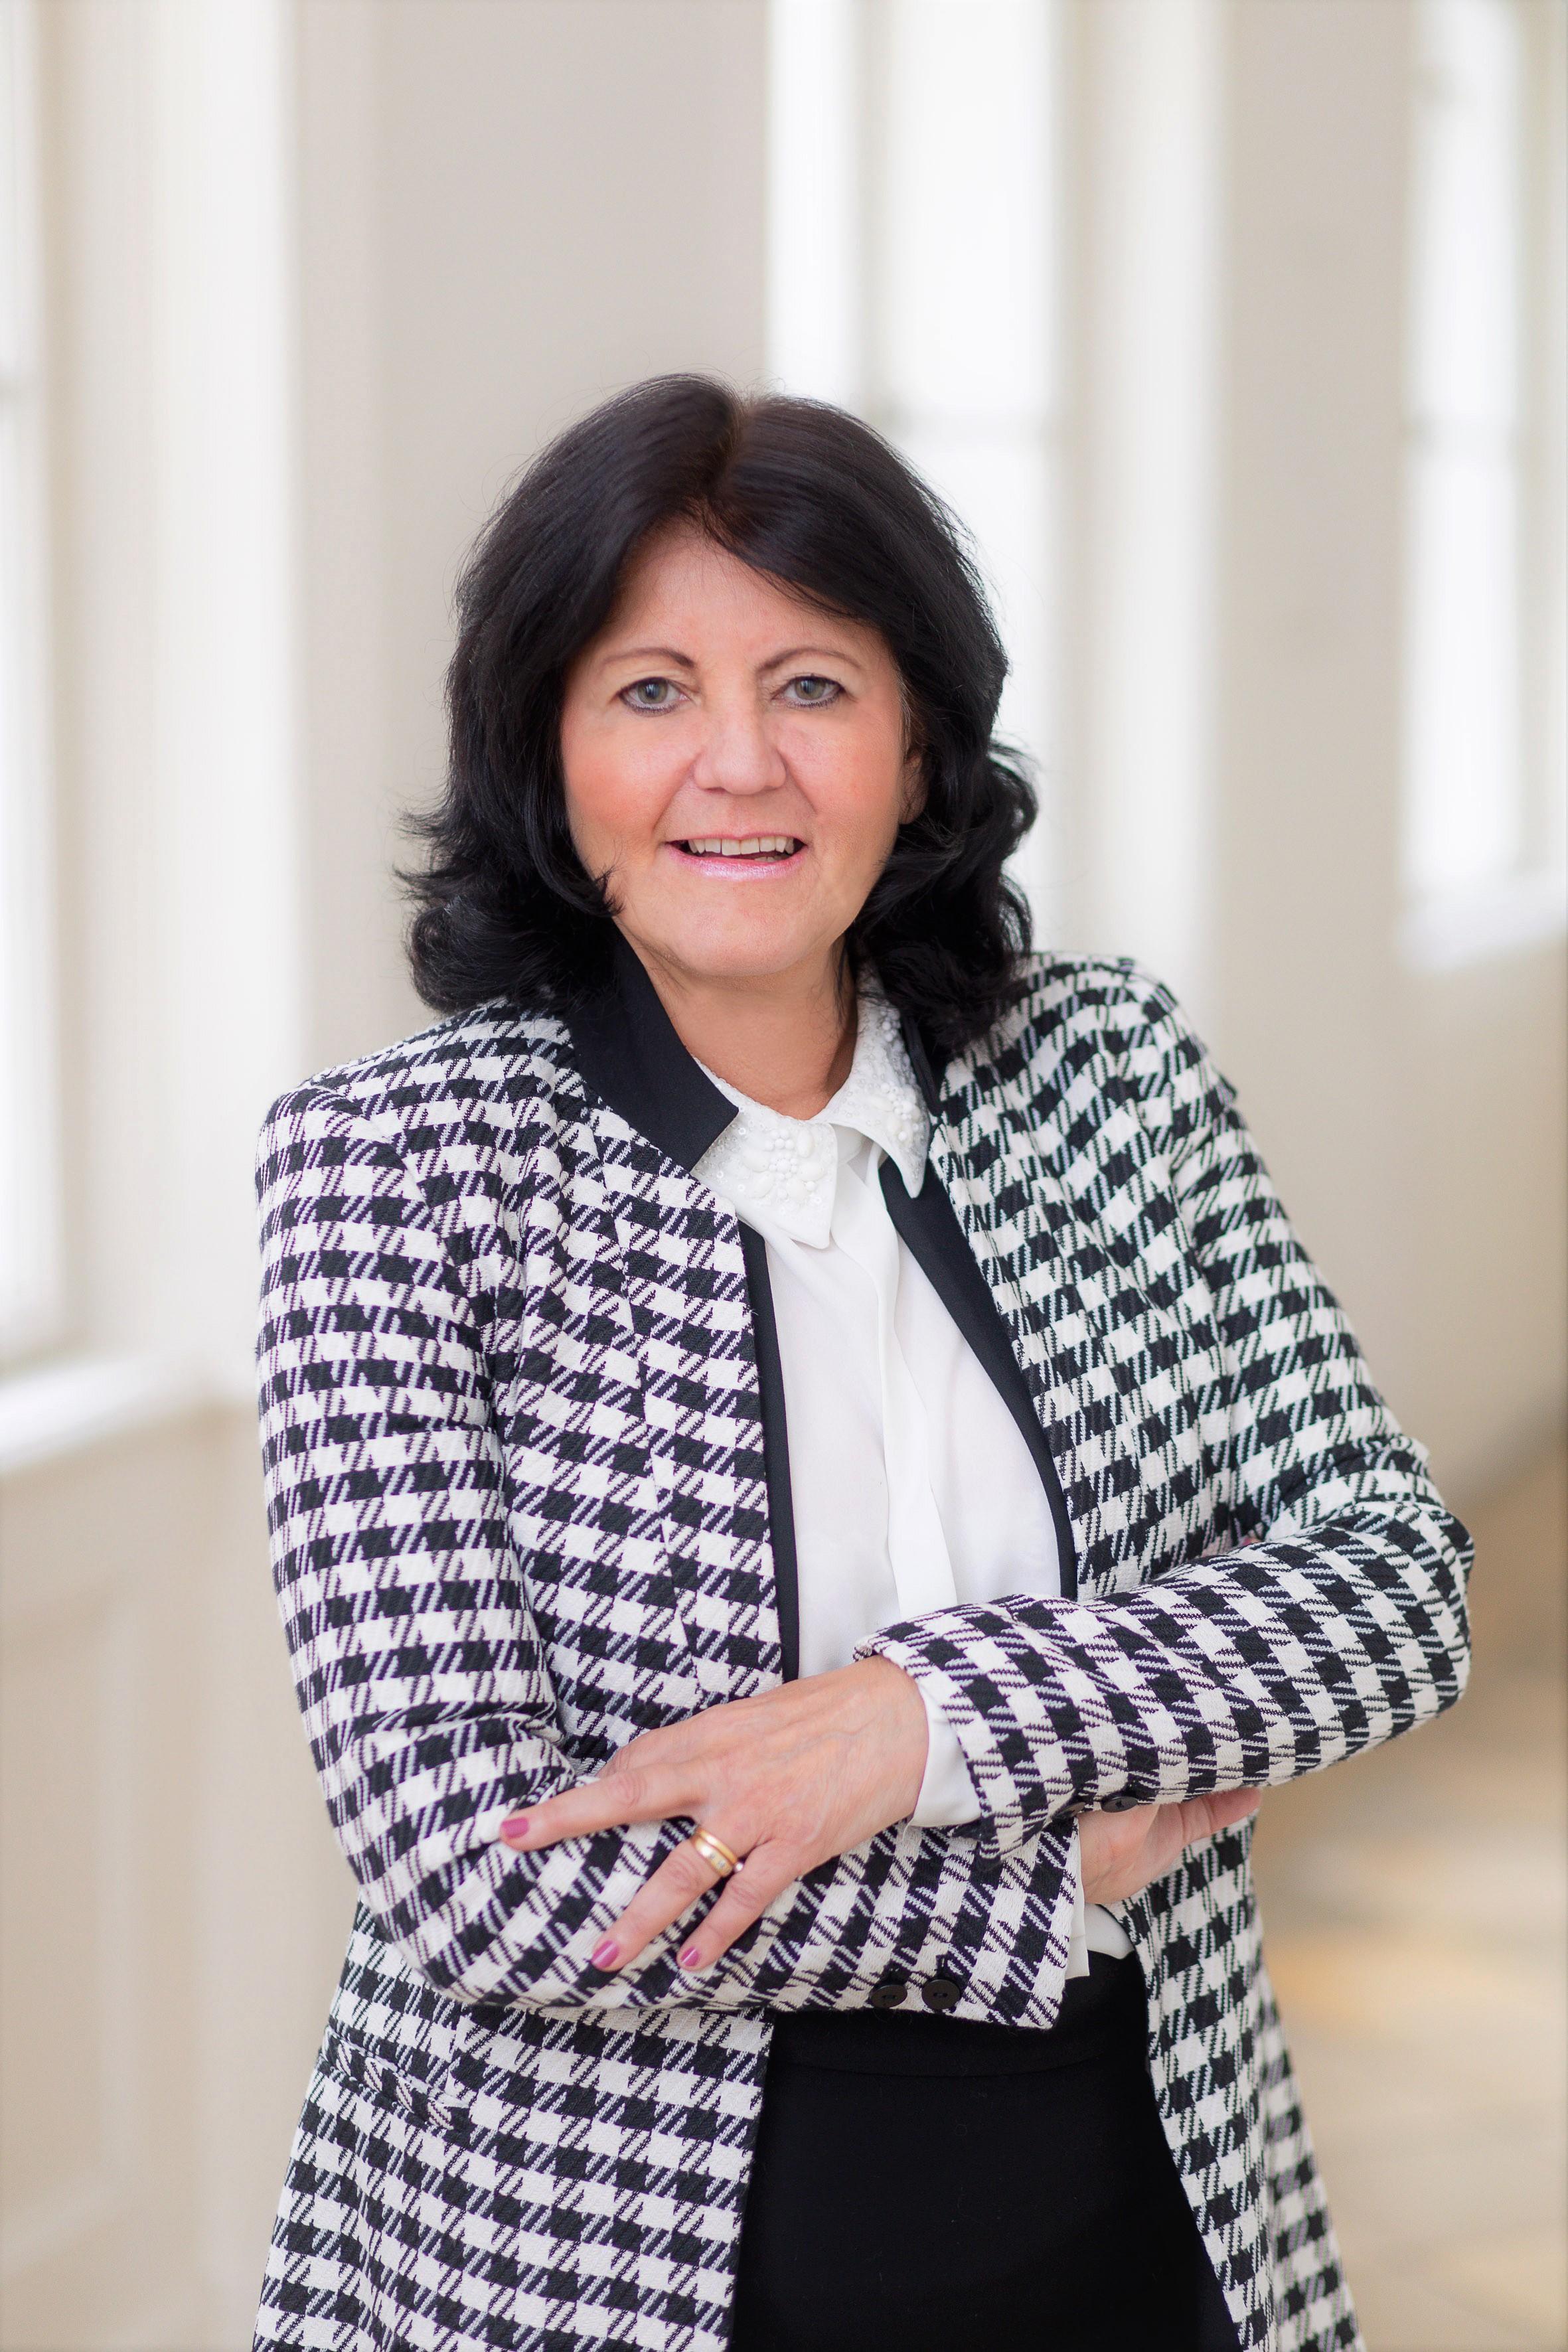 Elisabeth Della Lucia